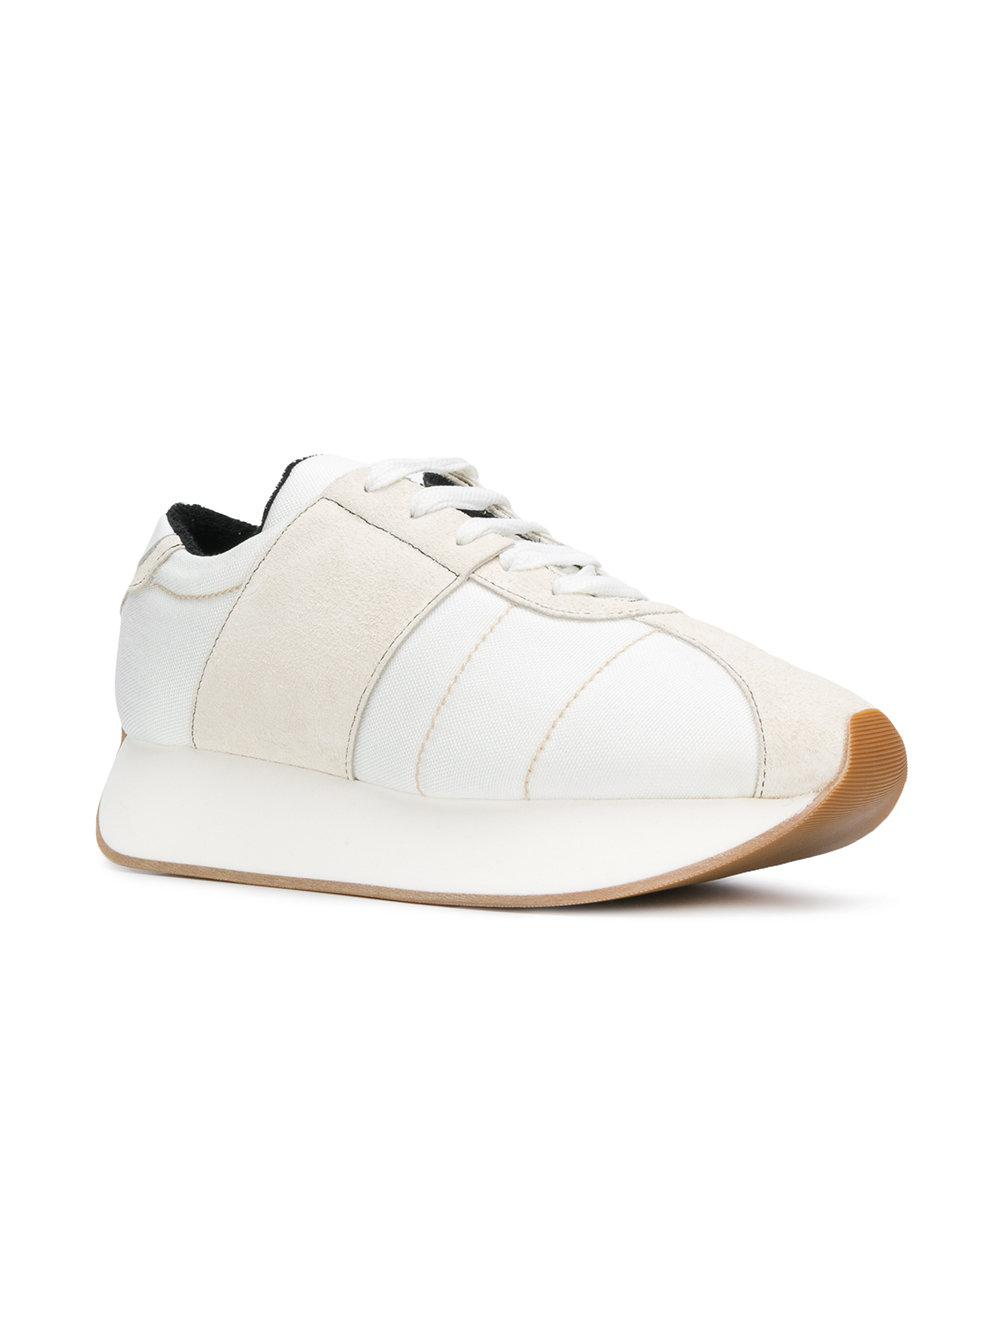 Marni Synthetisch Sneakers Van Big Foot in het Wit voor heren